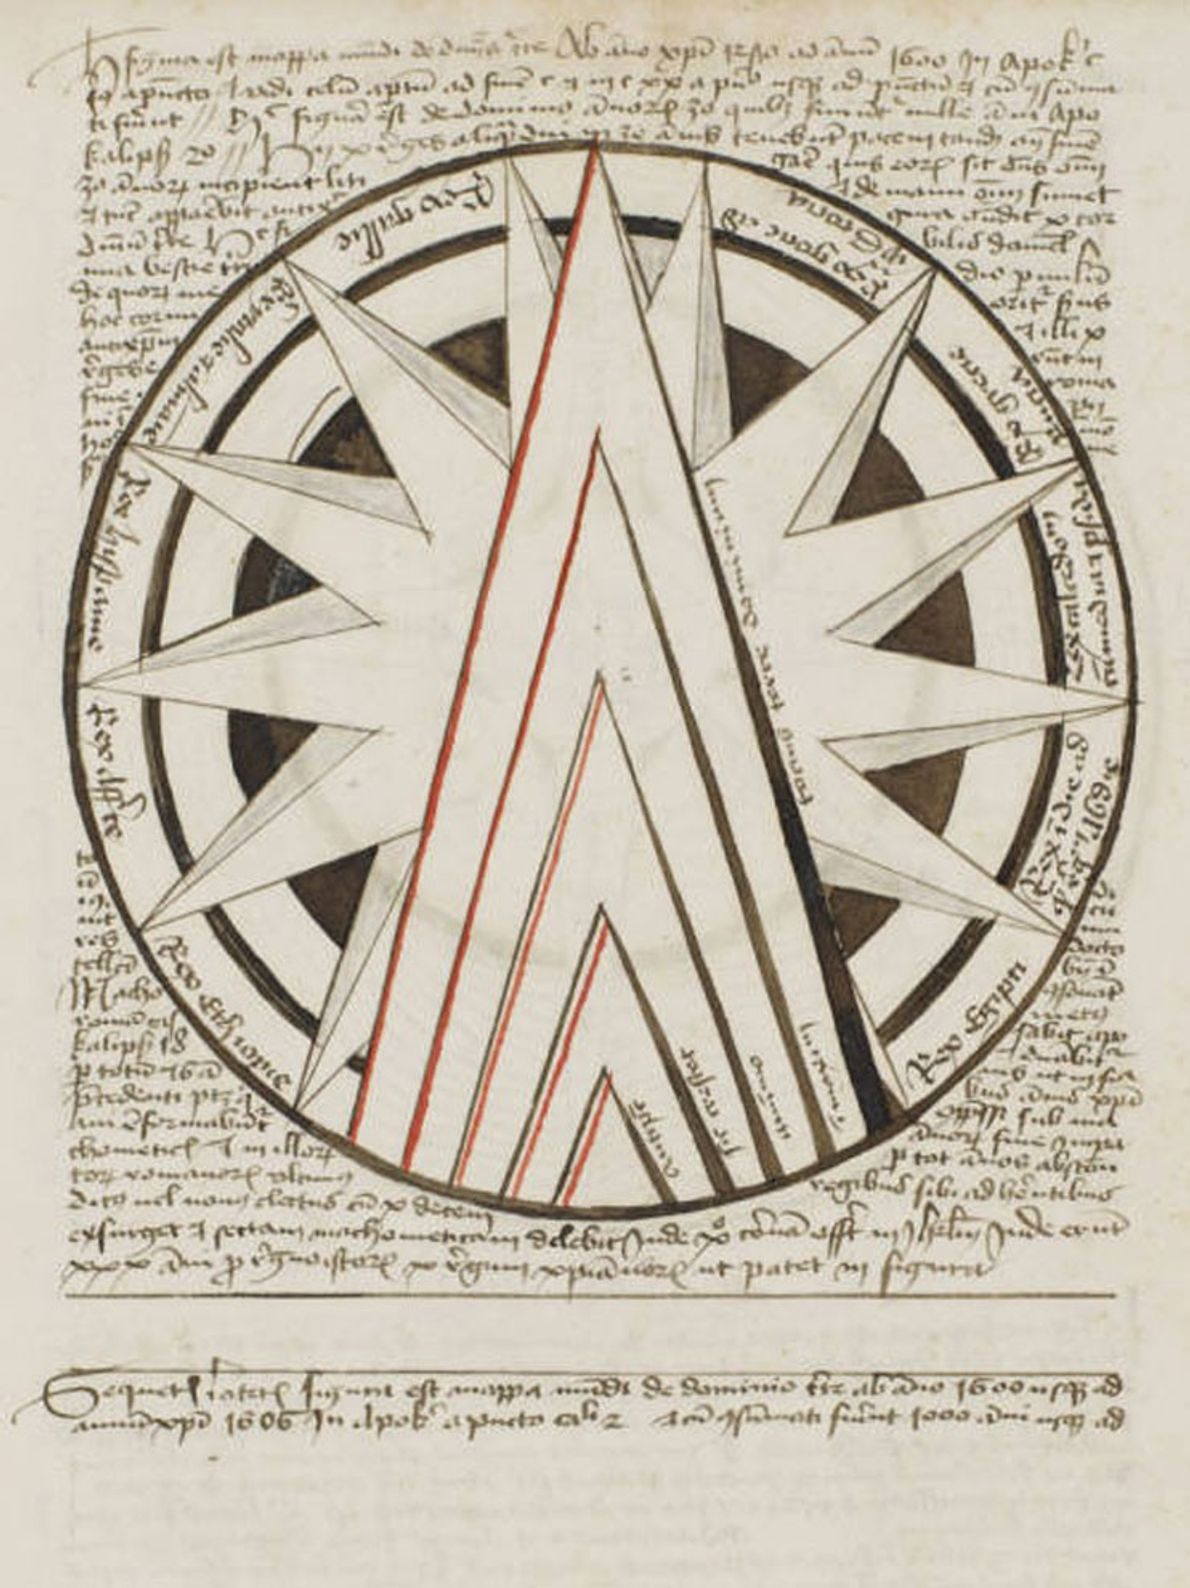 Les triangles de cette carte issue d'un manuscrit apocalyptique allemand du 15e siècle prédisent la montée ...